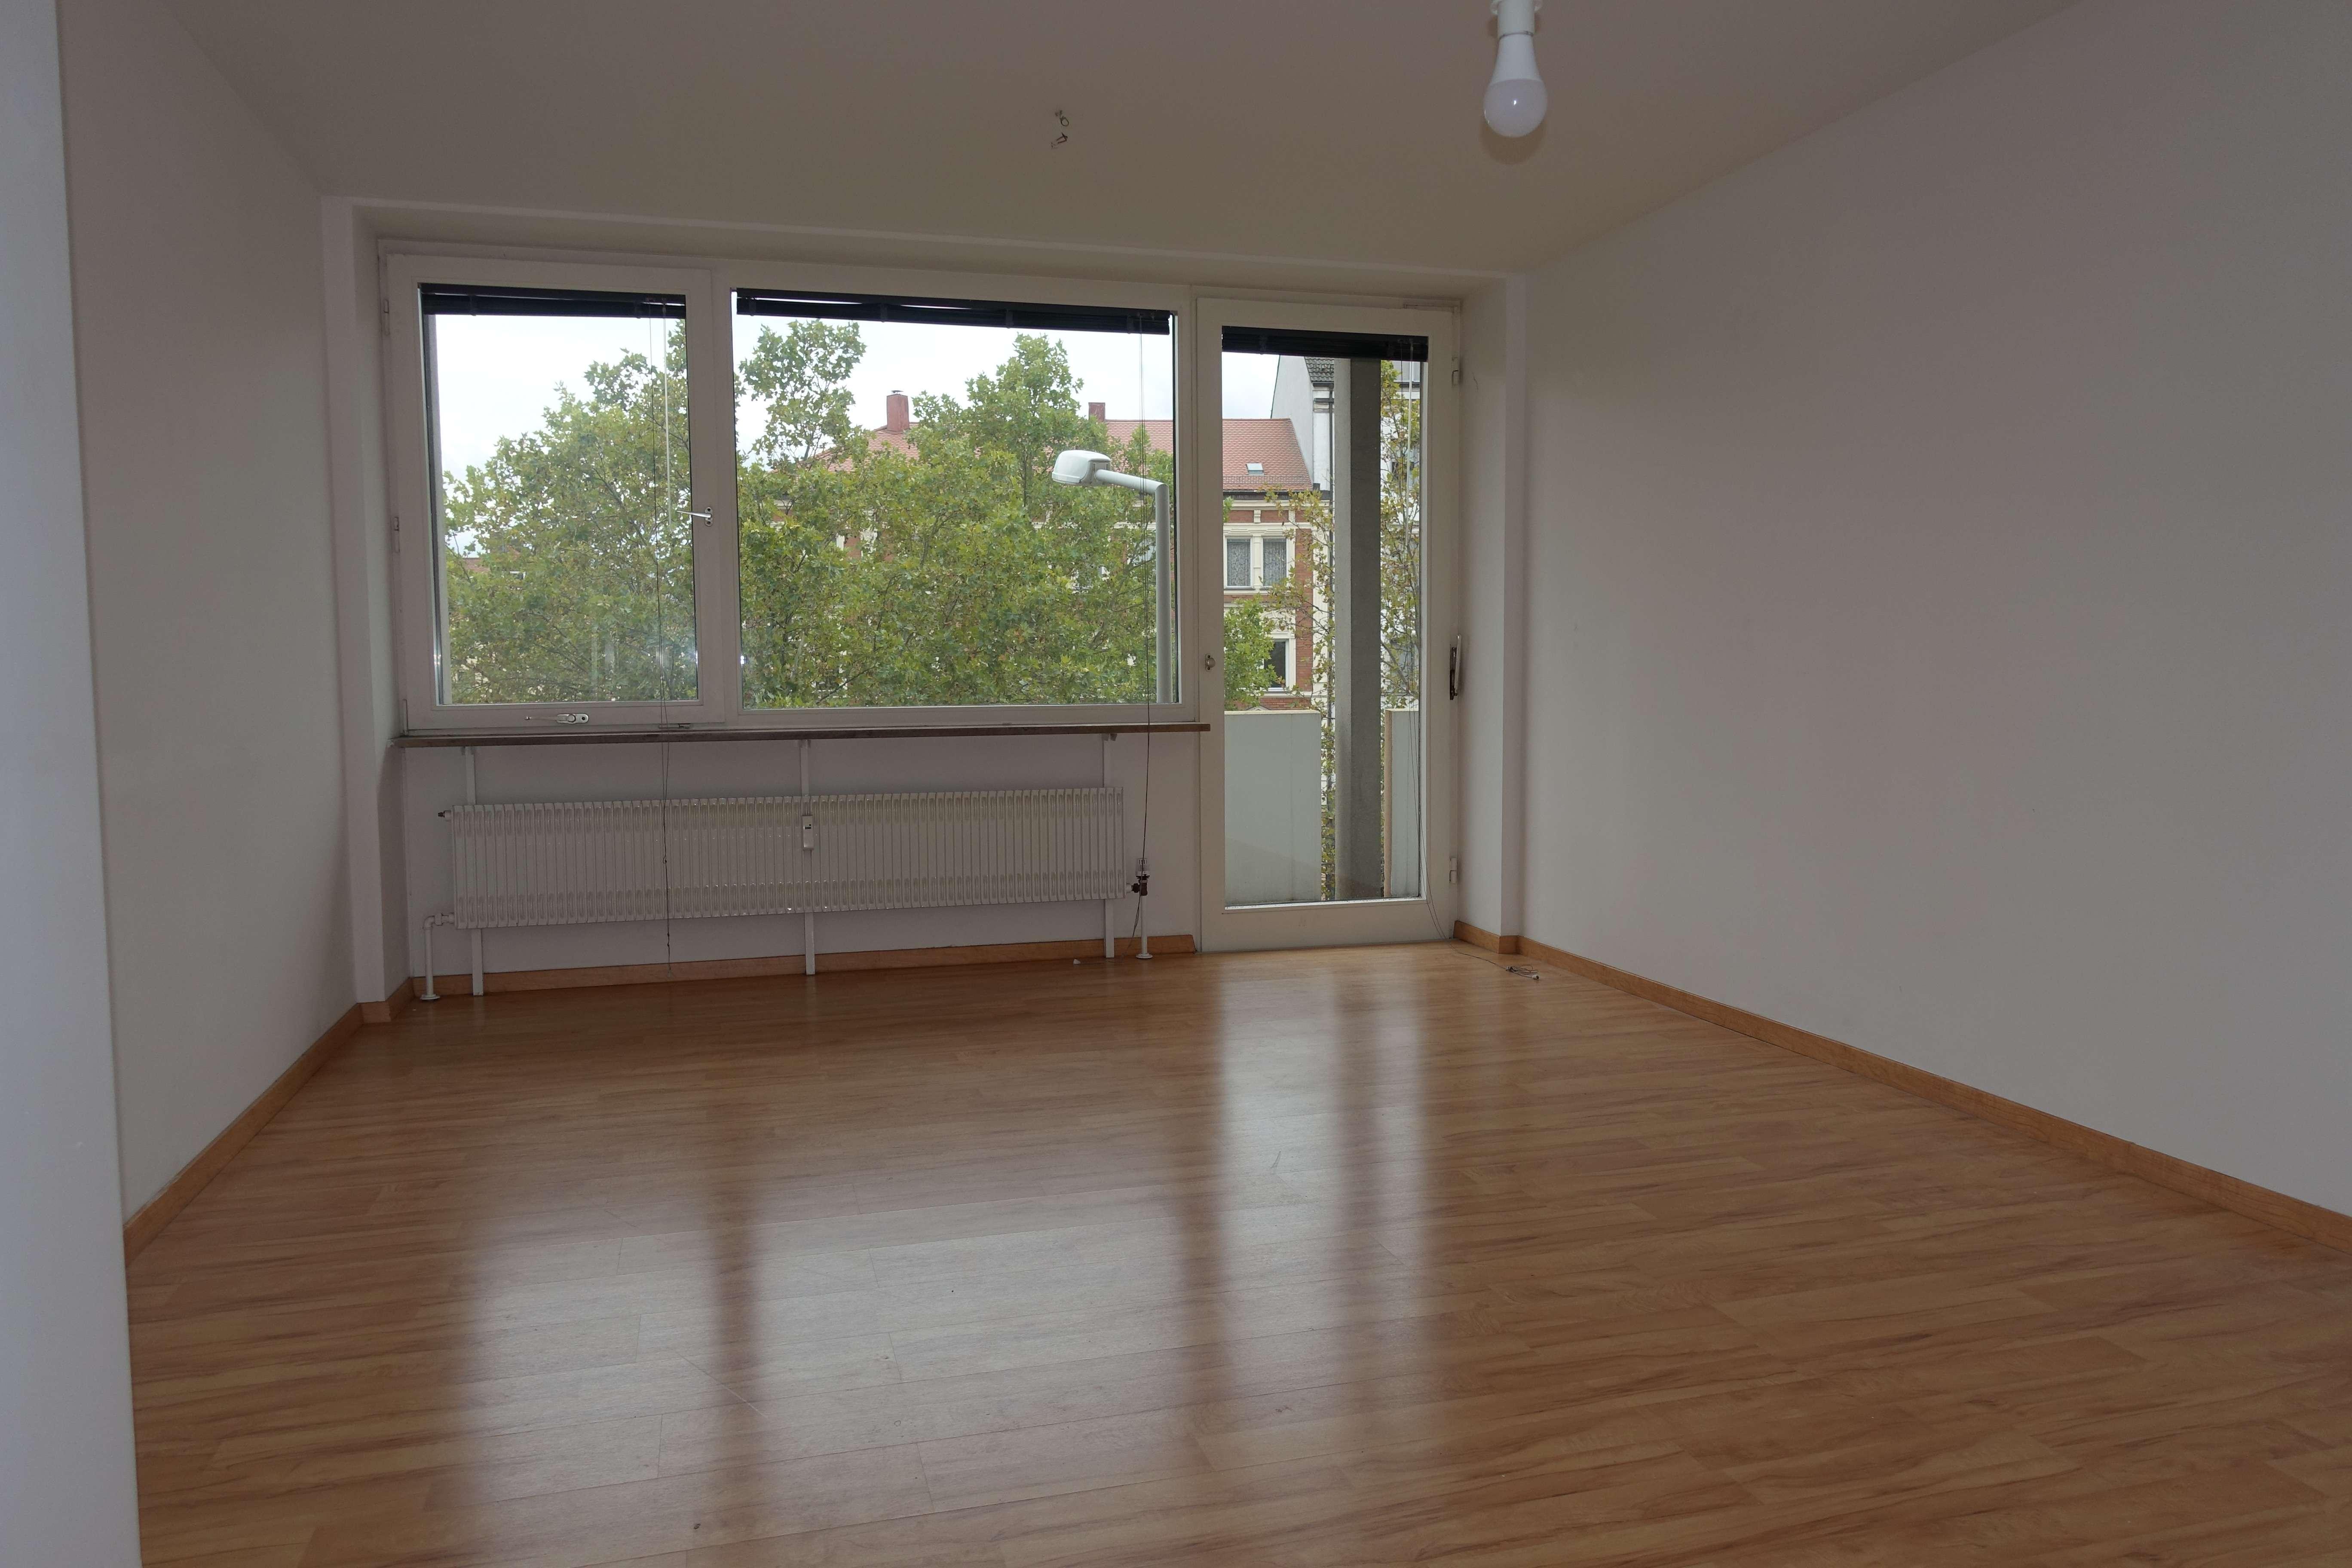 Renovierte 2-Zimmerwohnung mit EBK und Balkon in Wöhrd